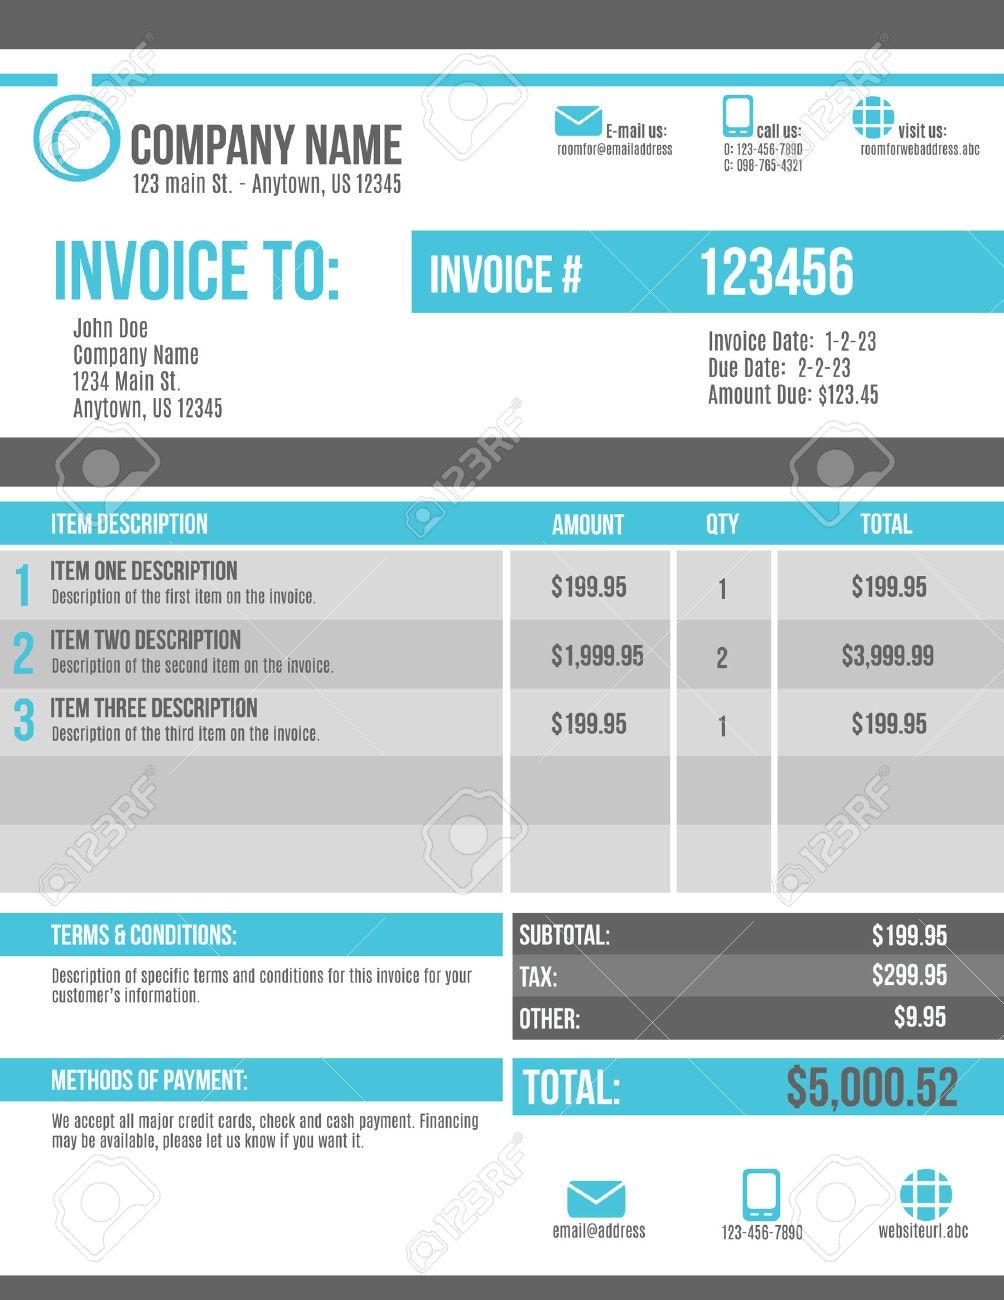 Customizable Invoice Template